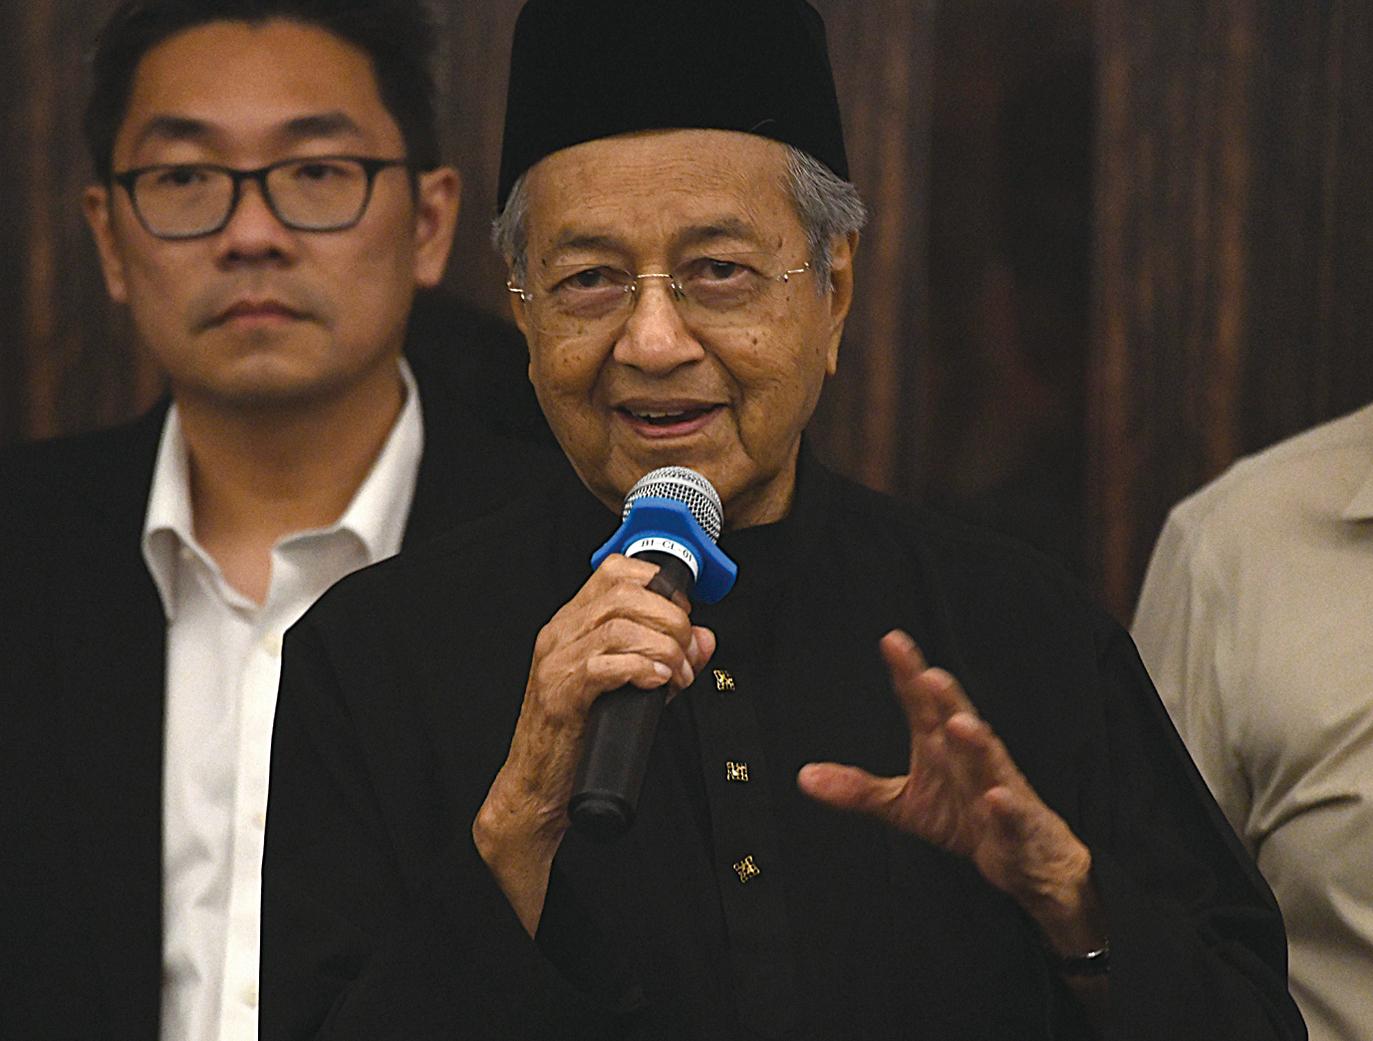 前首相馬哈迪在馬來西亞第14屆大選中獲勝。此前他承諾,若他當選,將徹查中國資本。圖為92歲的馬哈迪。(MANAN VATSYAYANA/AFP/Getty Images)